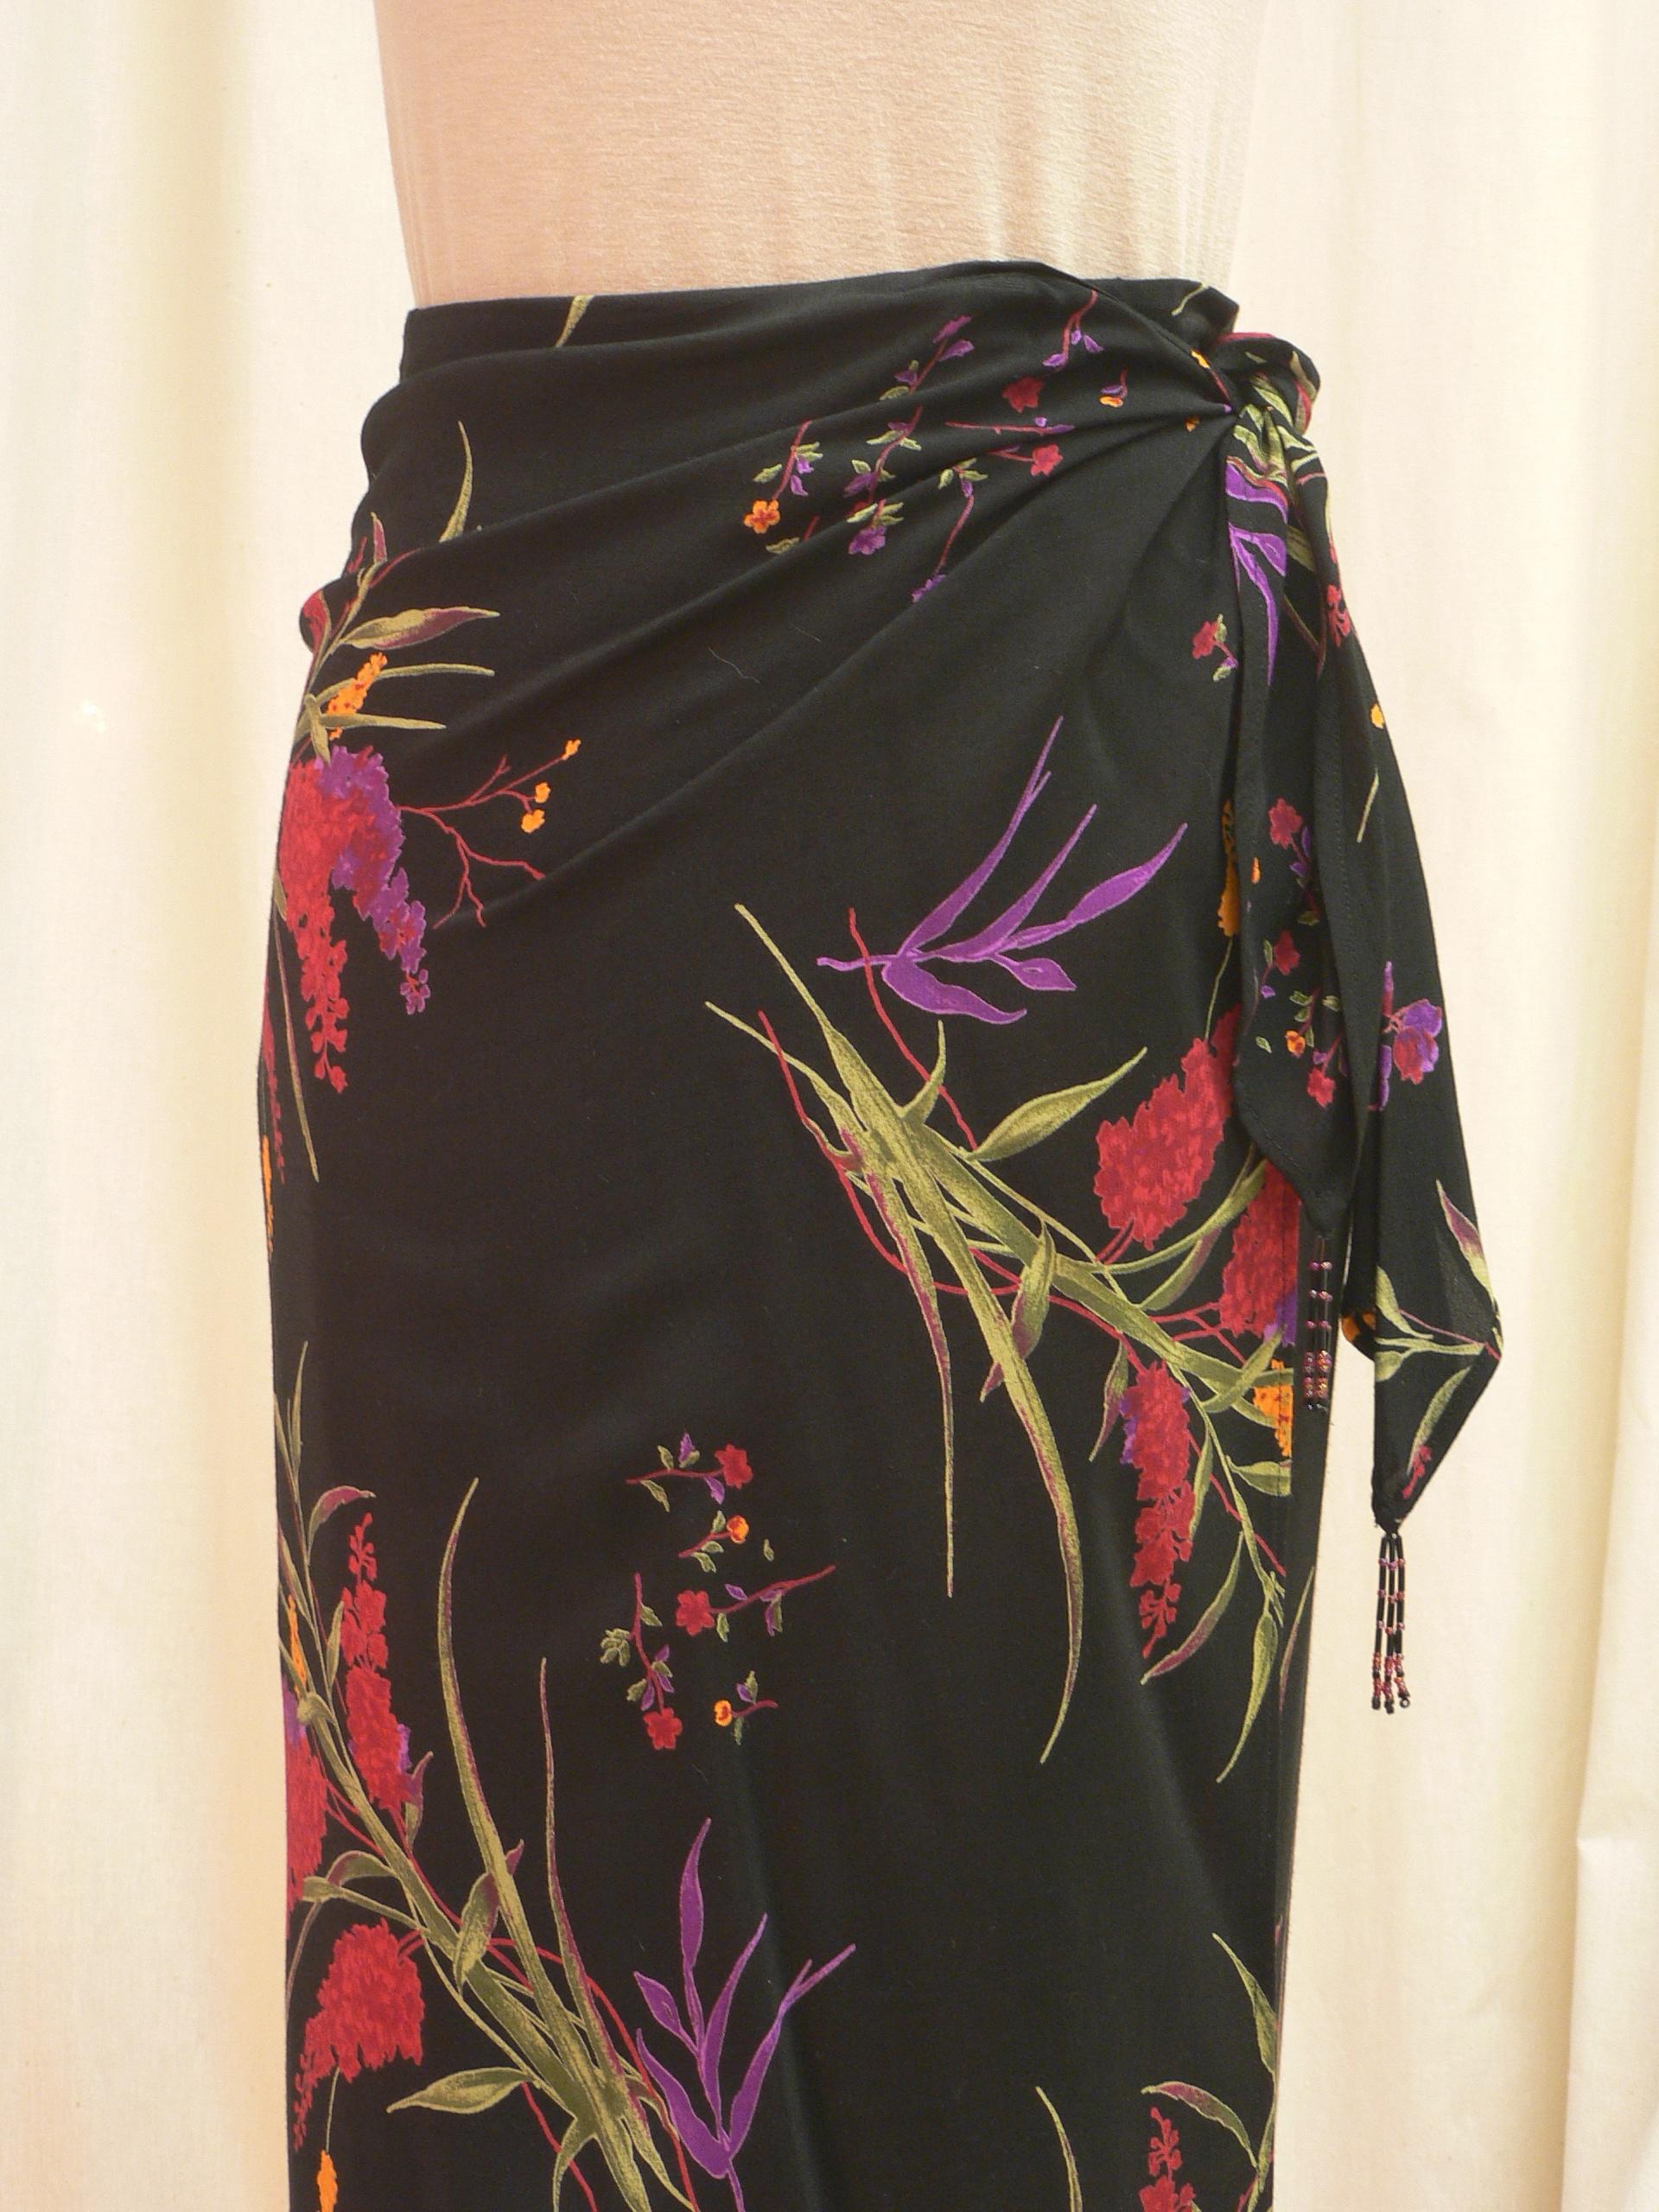 skirt03_front_detail.JPG